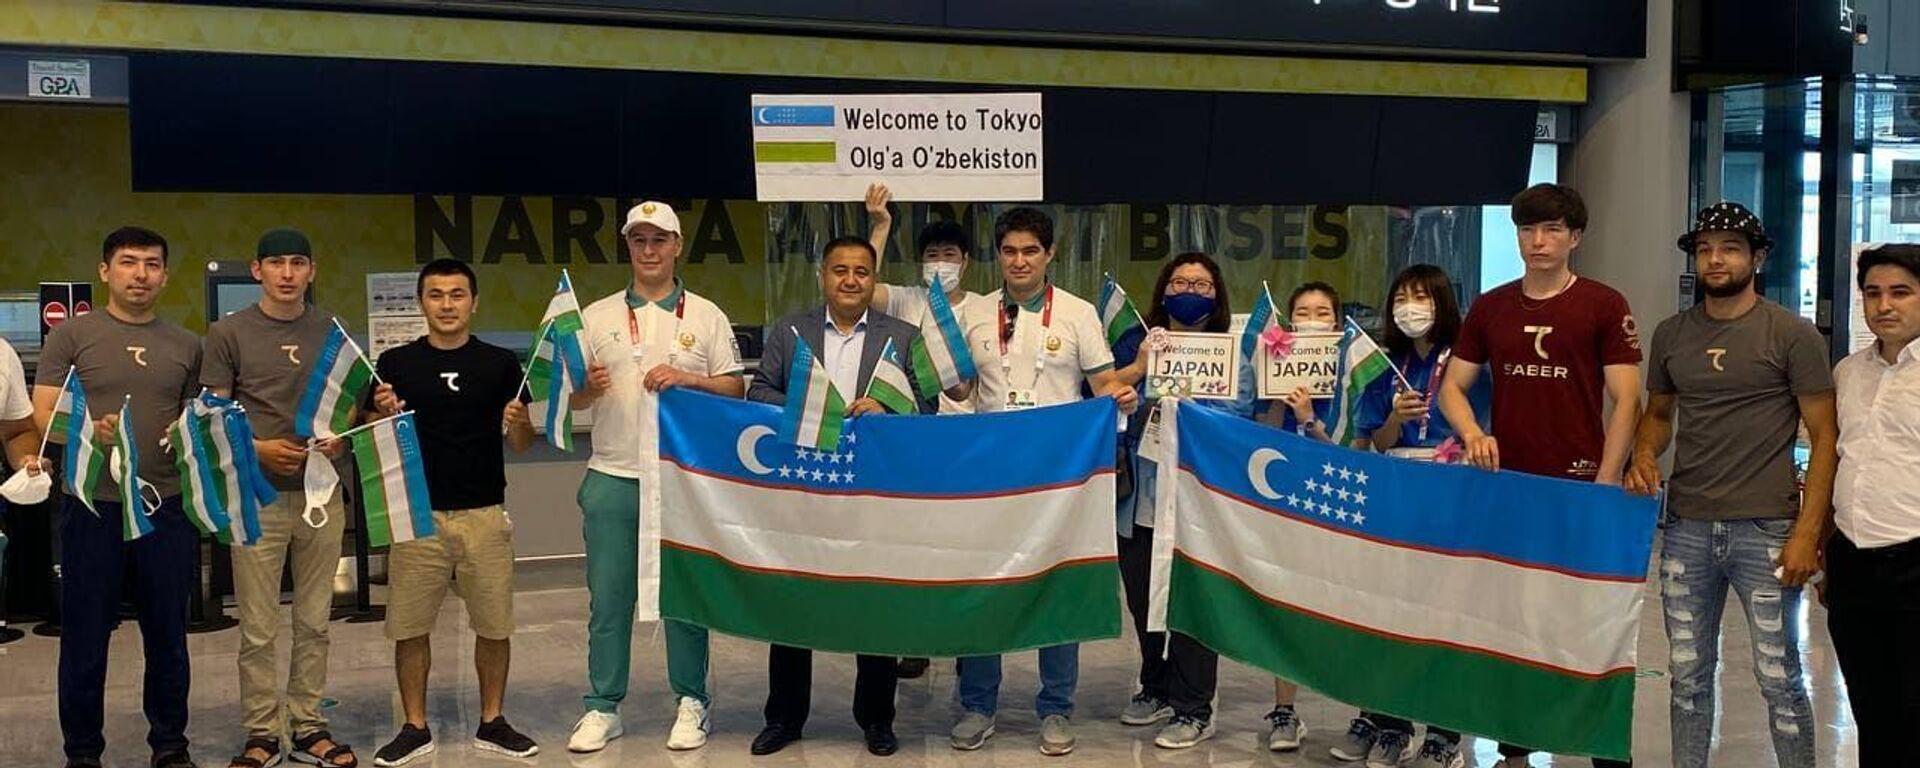 Делегация Узбекистана прибыла в Токио, чтобы принять участие в XXXII летних Олимпийских играх - Sputnik Узбекистан, 1920, 20.07.2021